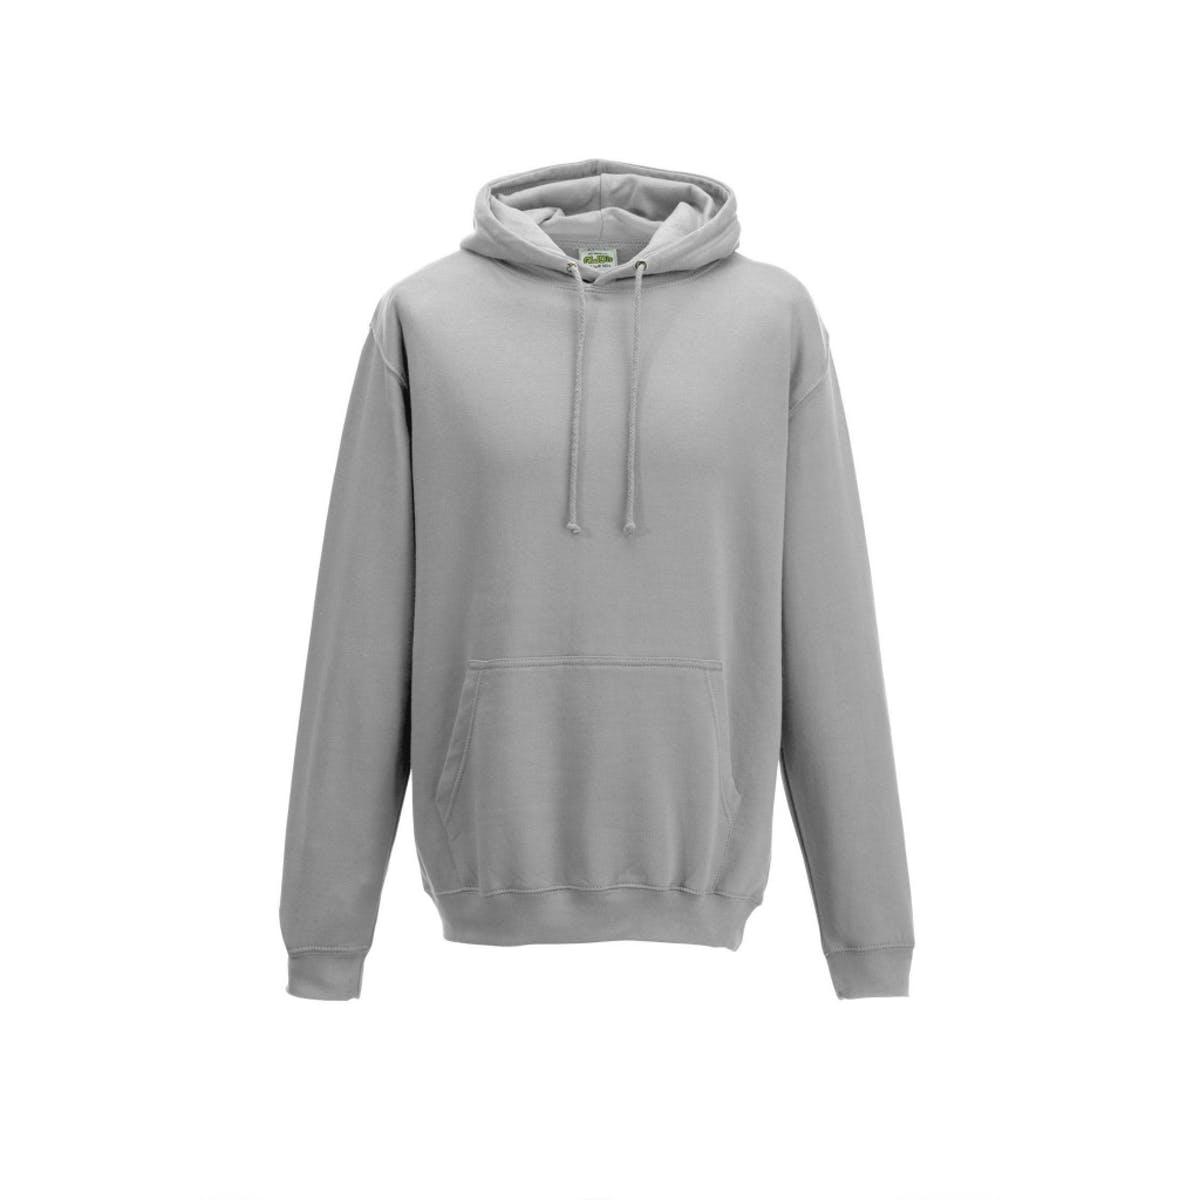 moondust grey college hoodies